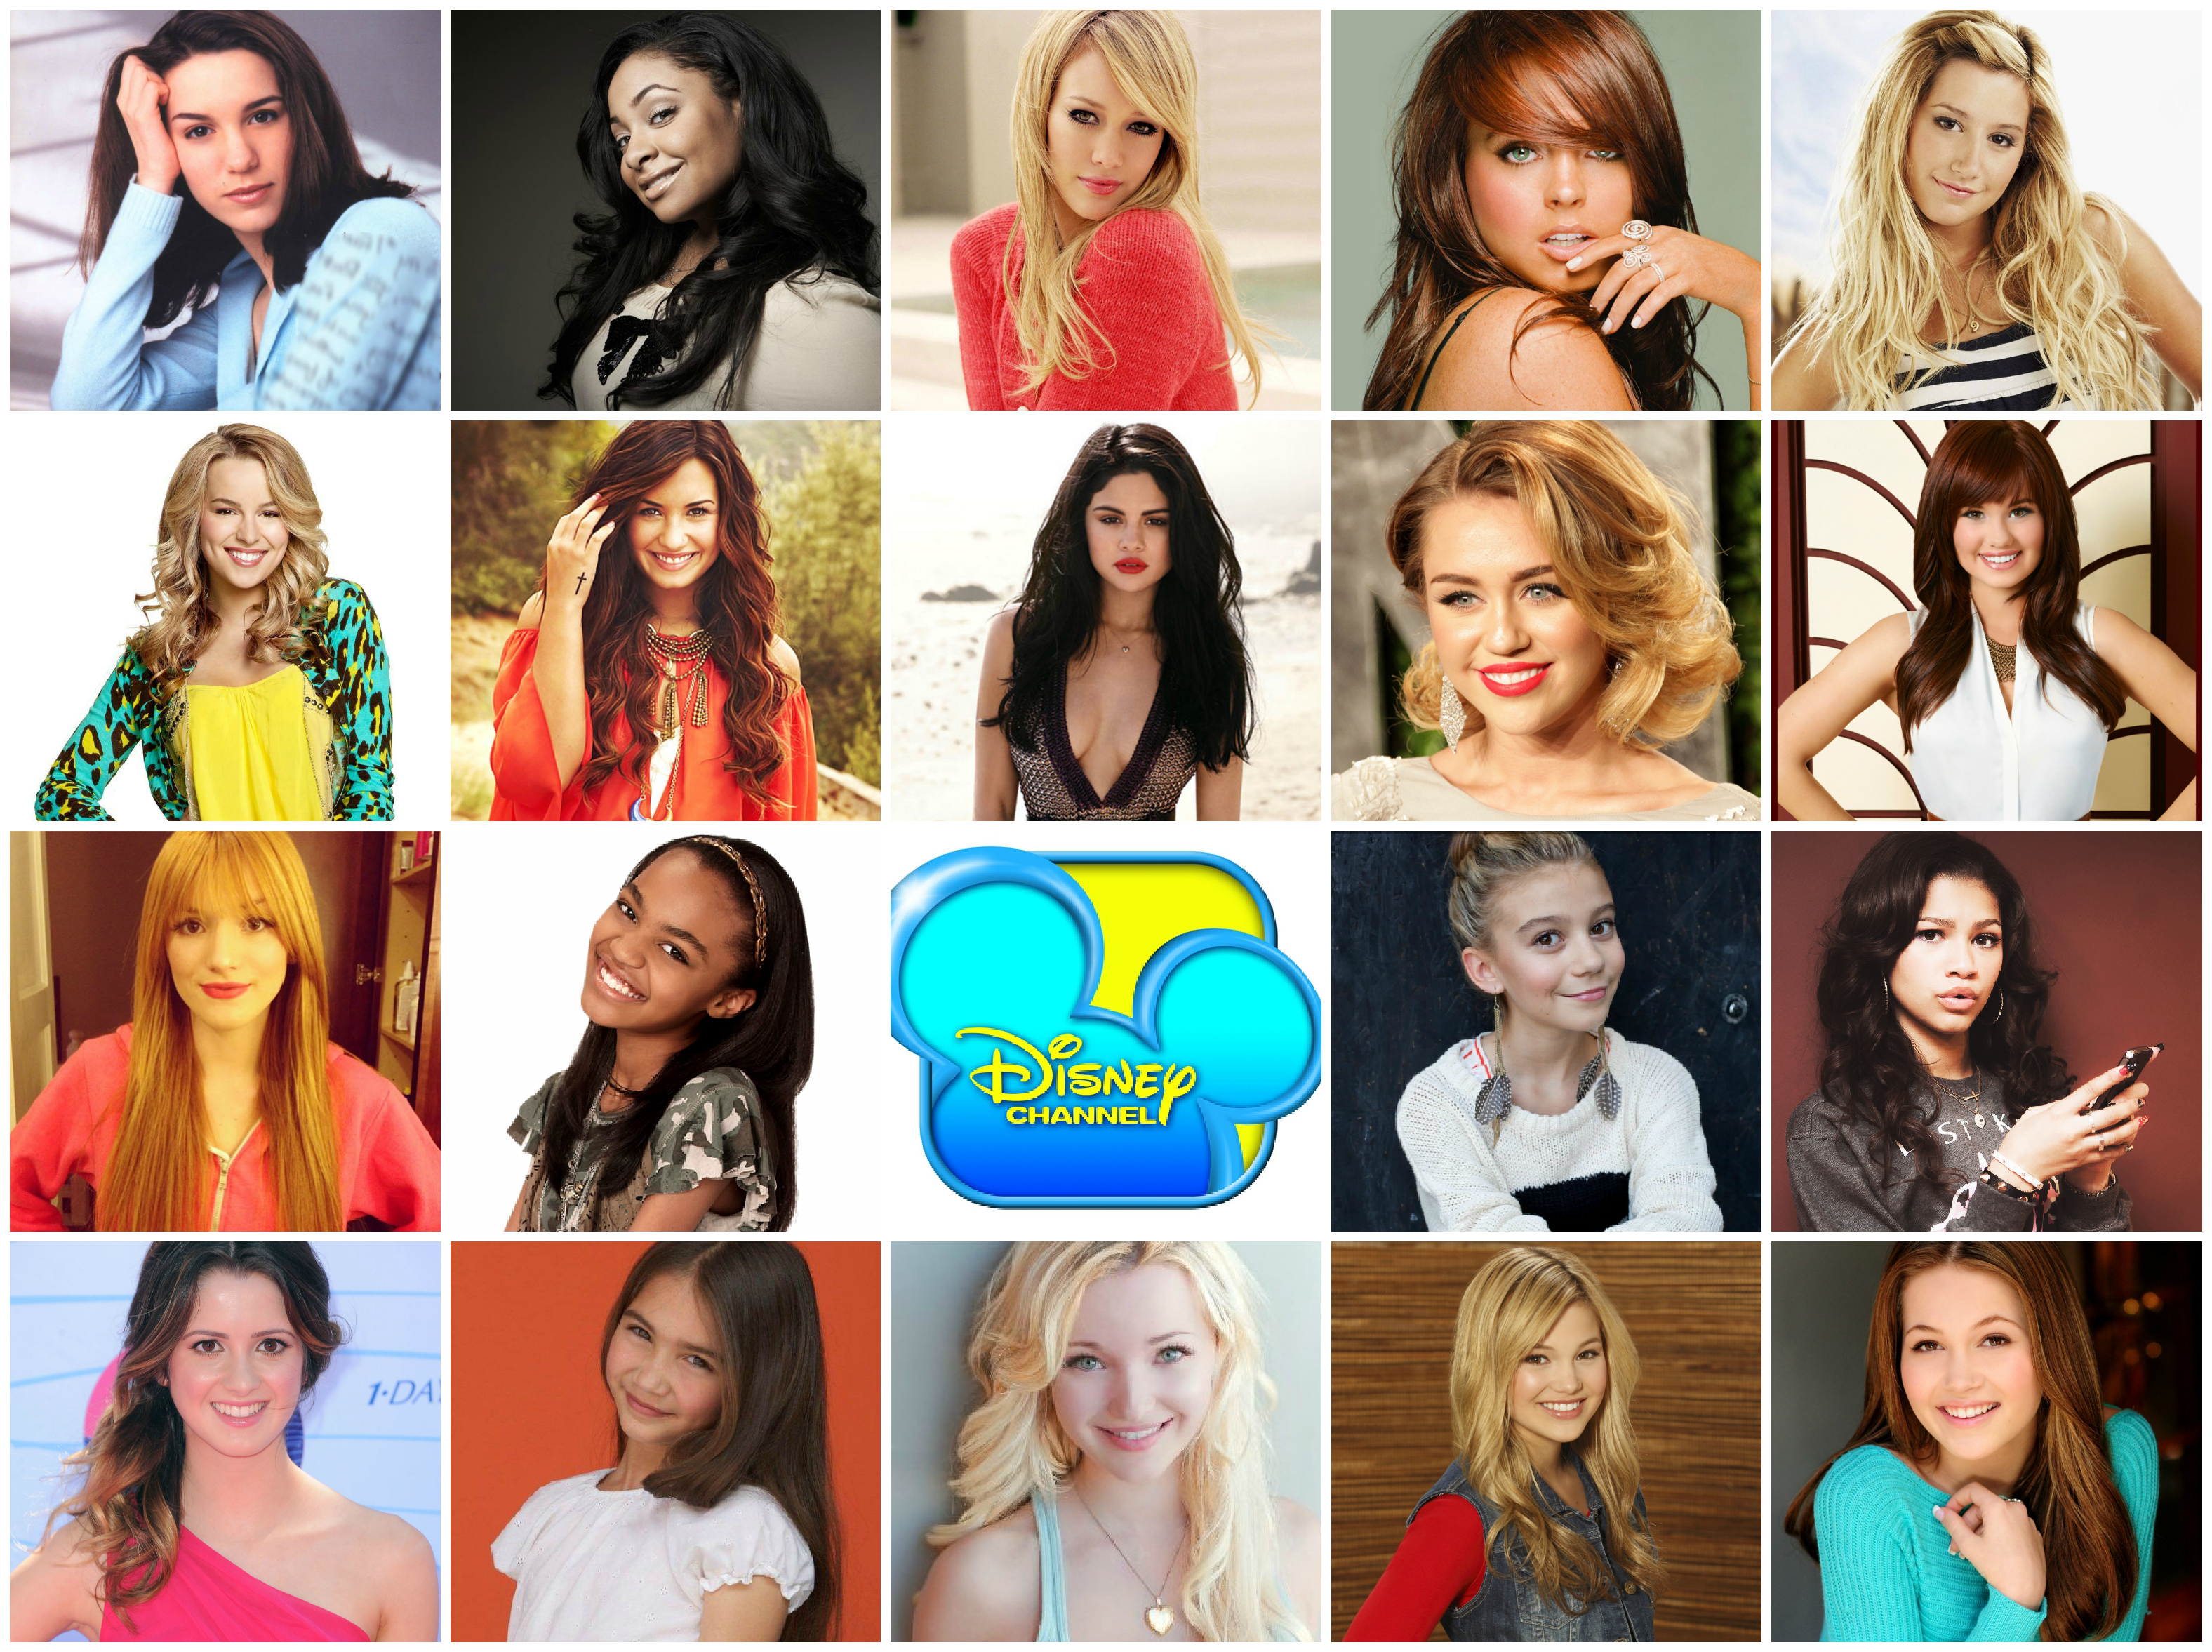 Image - Disney Girl Collage 2013.jpg – Disney Channel's A.N.T. Farm